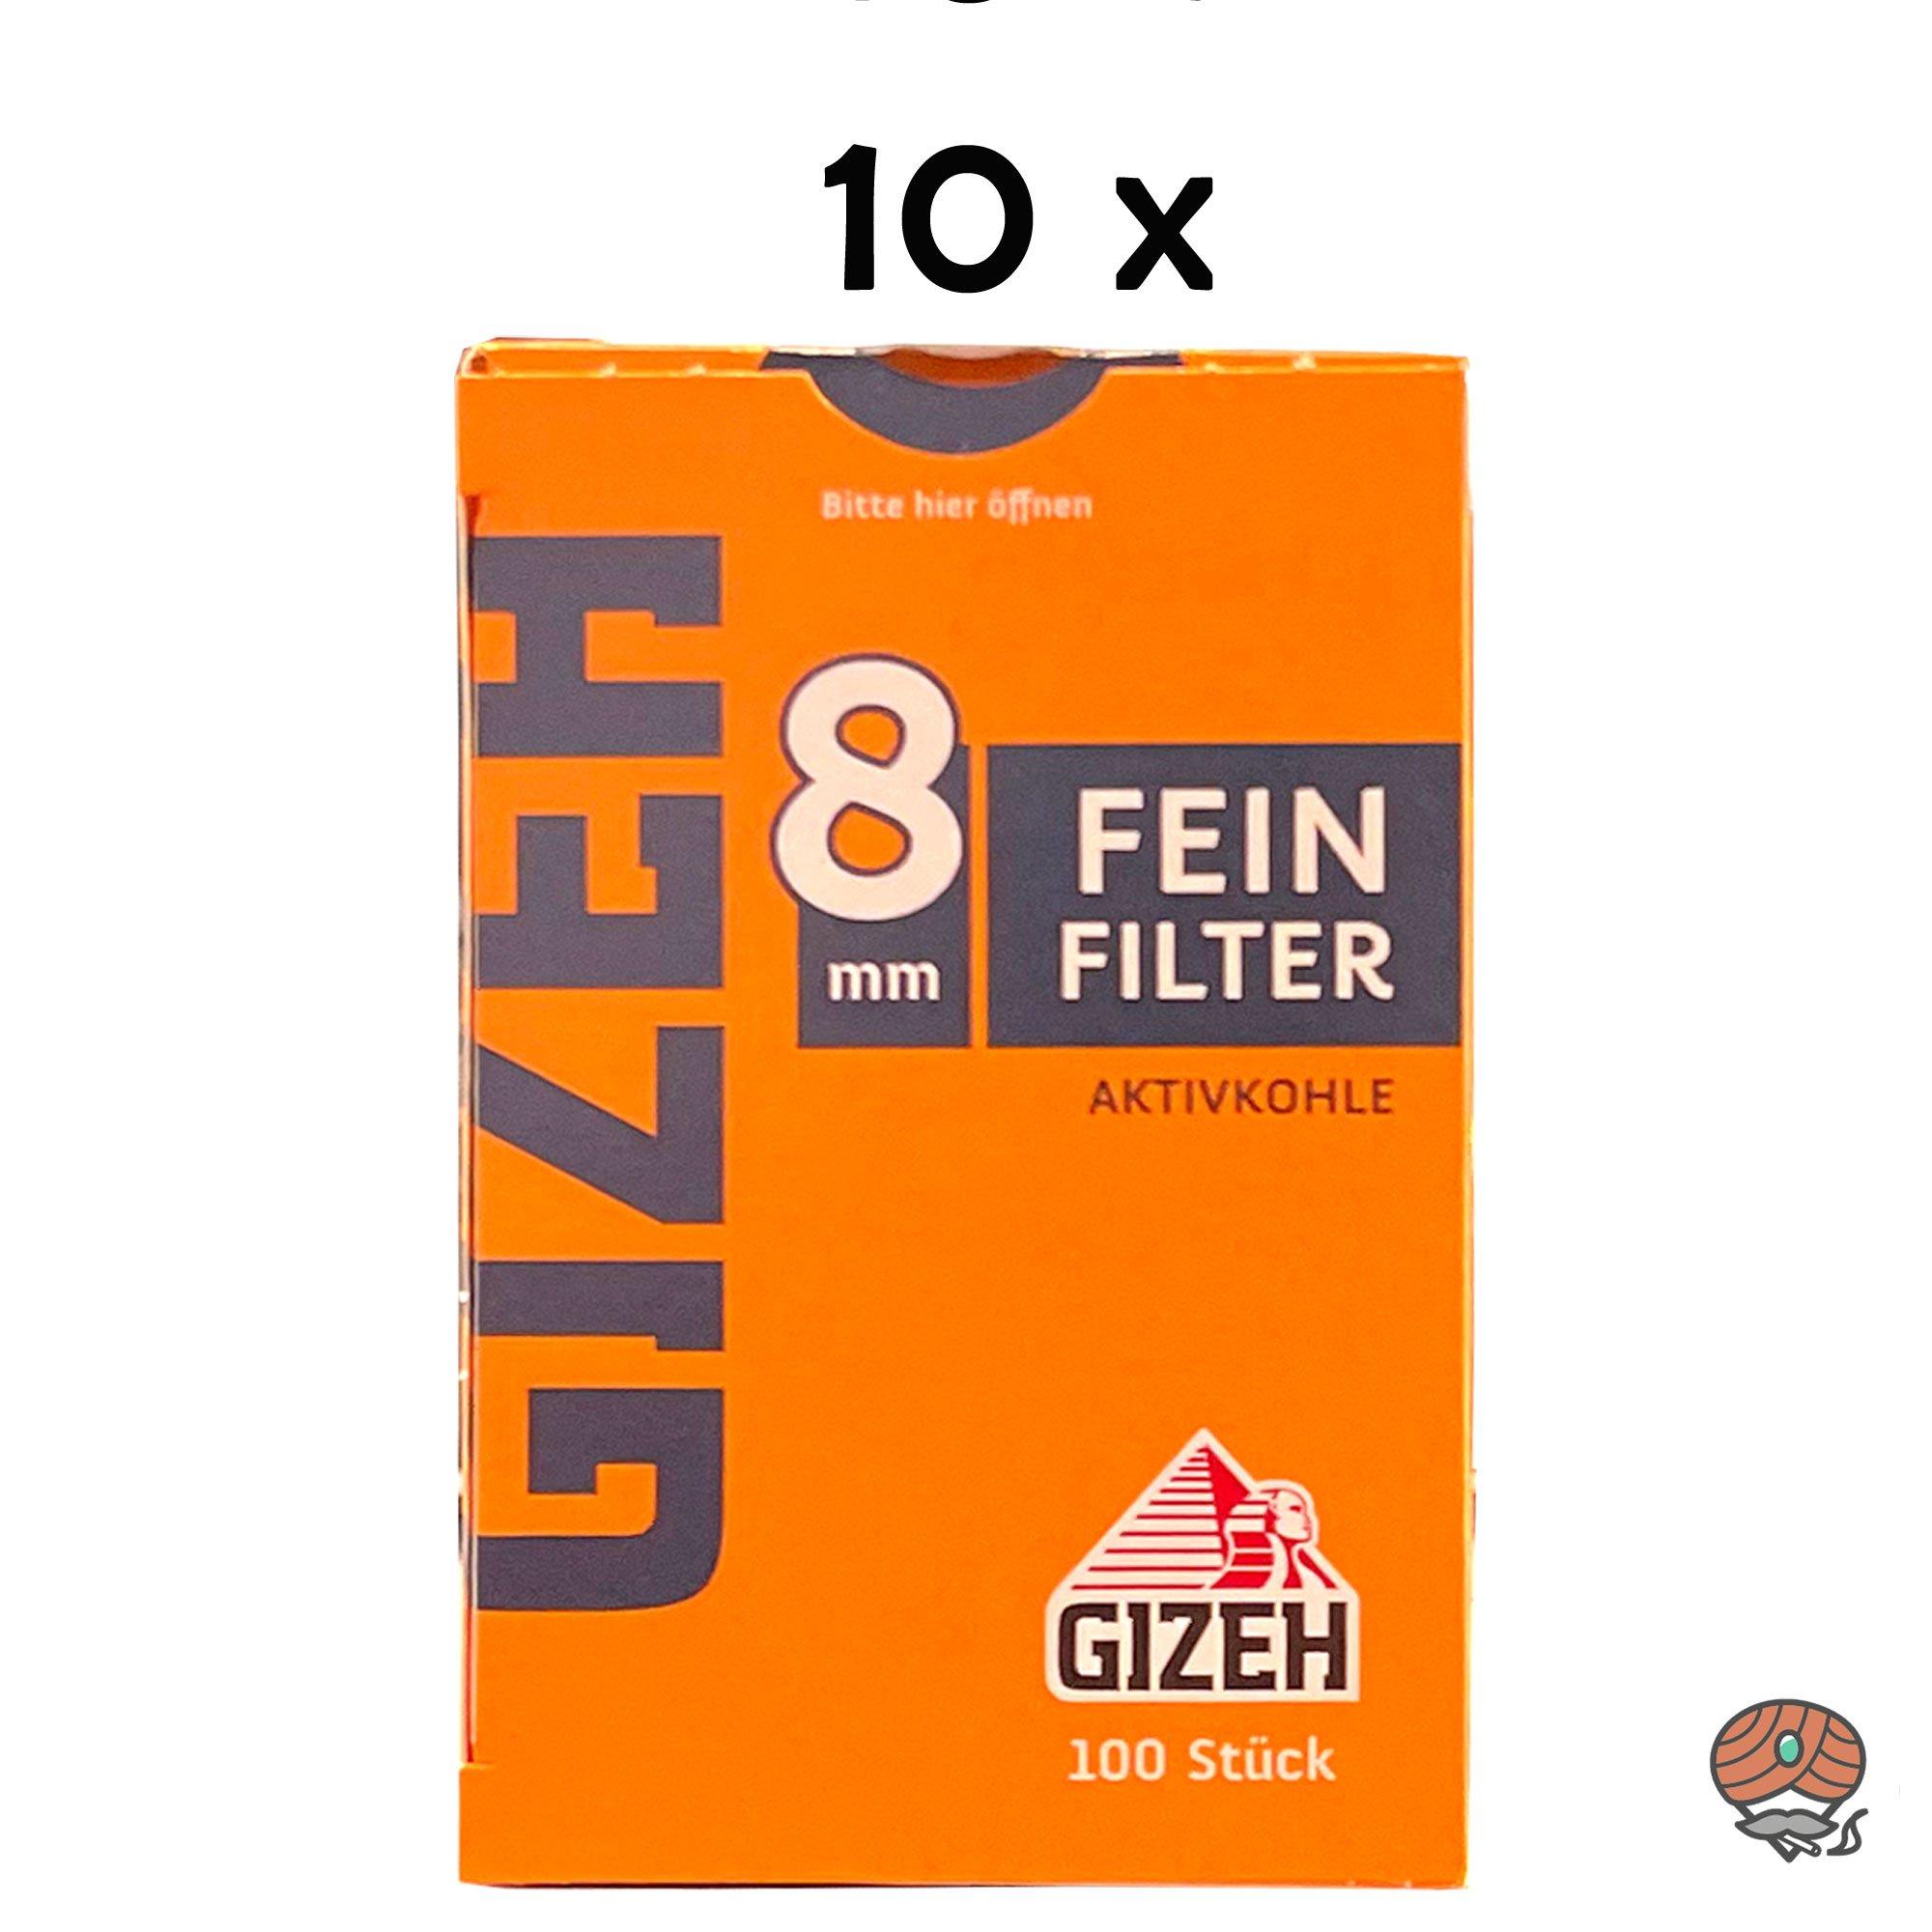 10 x Gizeh Feinfilter Aktivkohle 8 mm 1 Schachtel à 100 Feinfilter